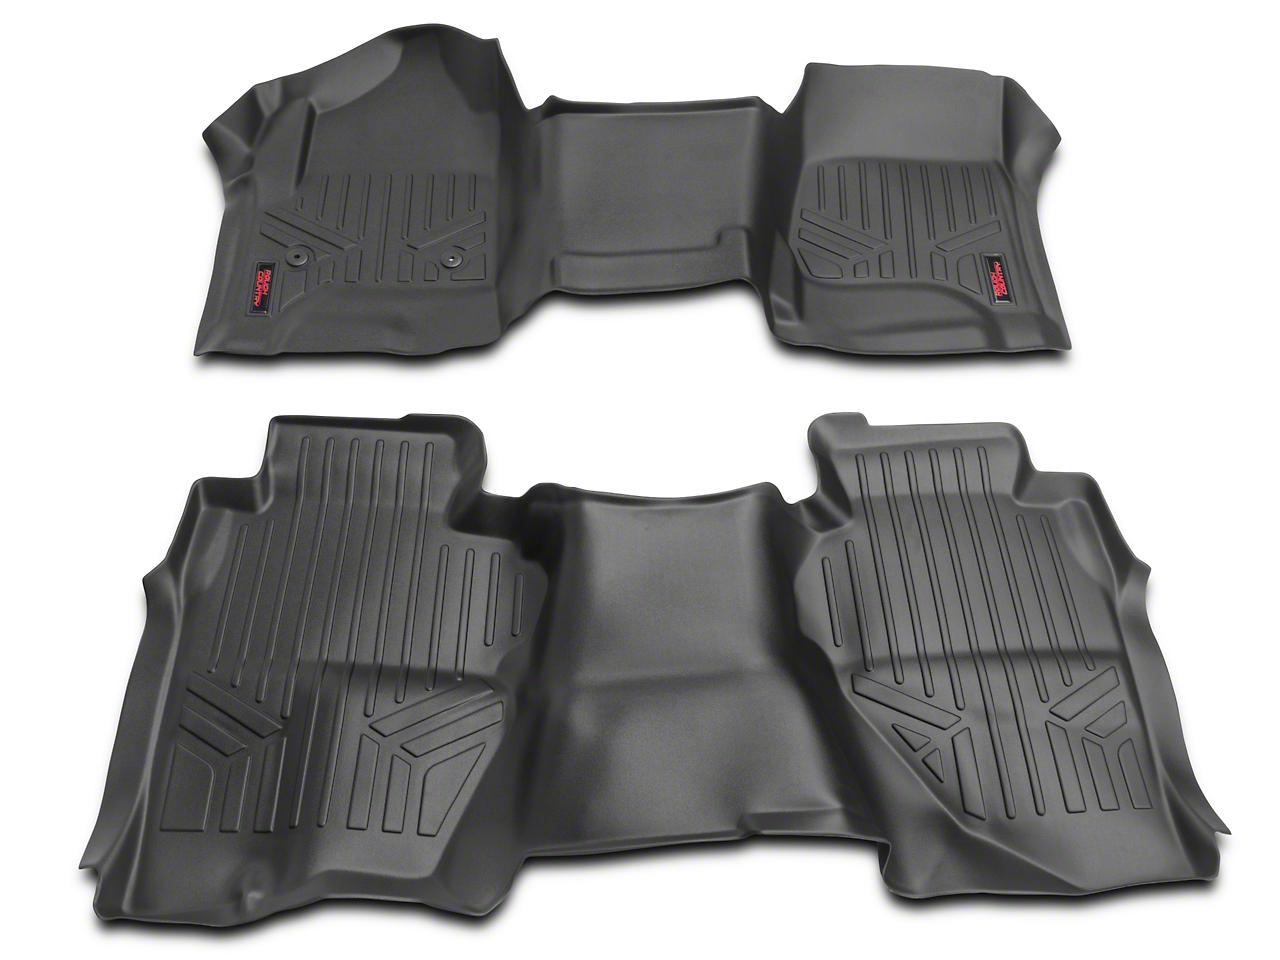 Rough Country Heavy Duty Front & Rear Floor Mats - Black (14-18 Silverado 1500 Double Cab)